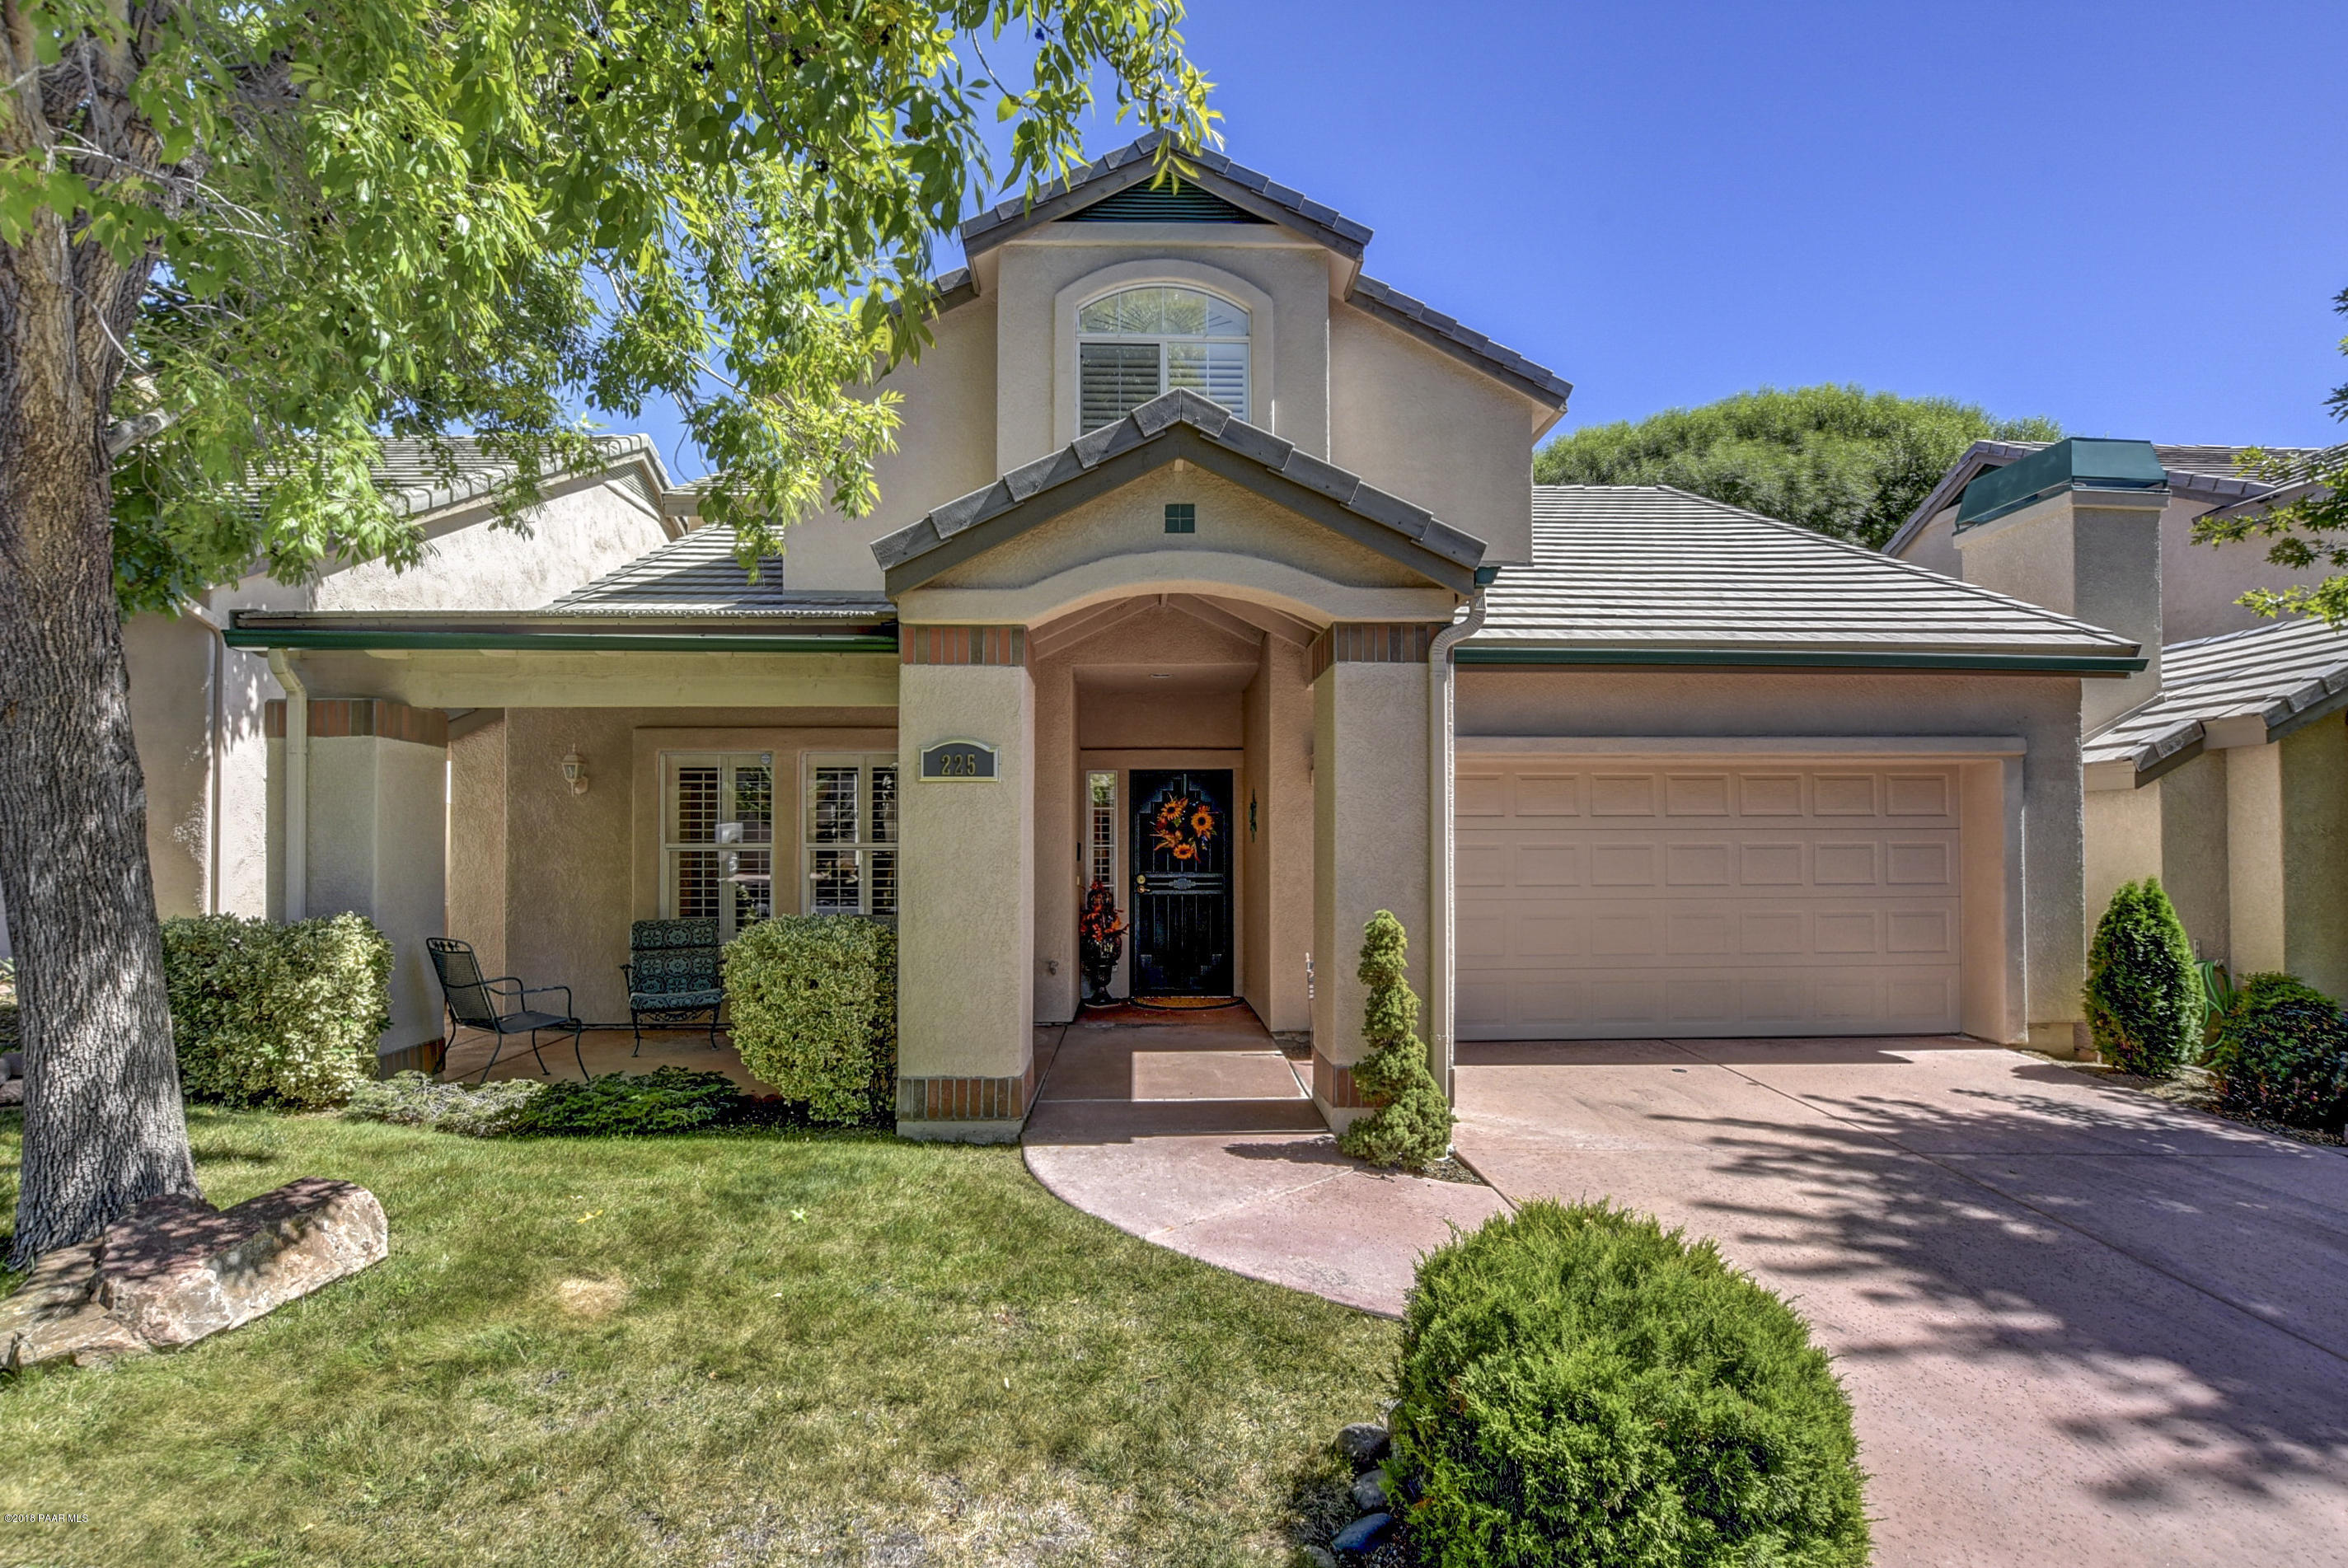 225 Seville Place Prescott, AZ 86303 - MLS #: 1015471